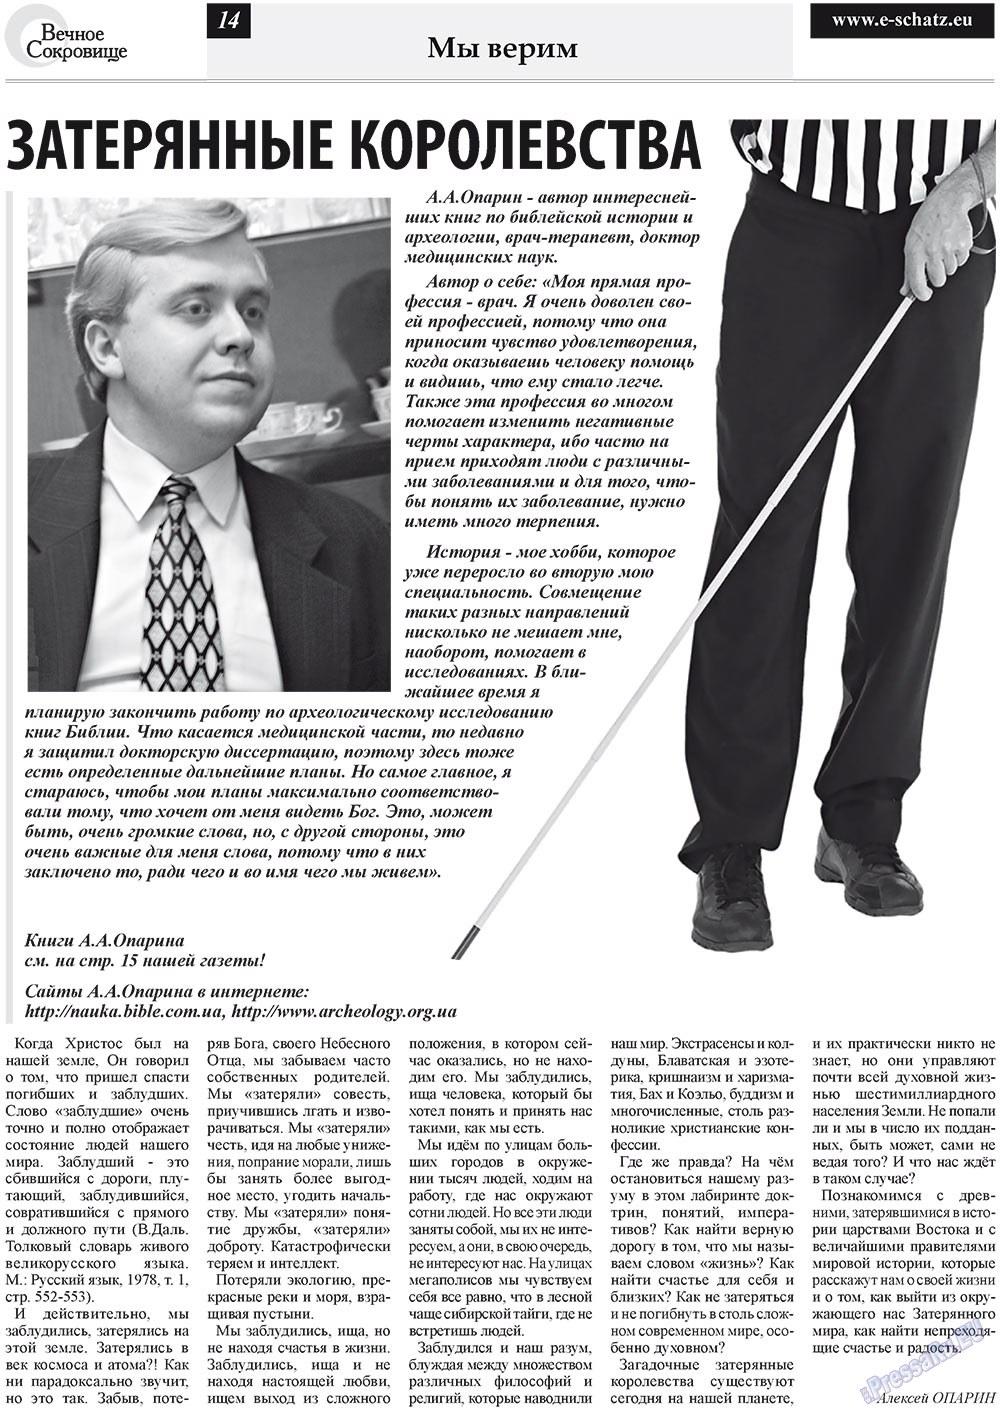 Вечное сокровище (газета). 2011 год, номер 4, стр. 14